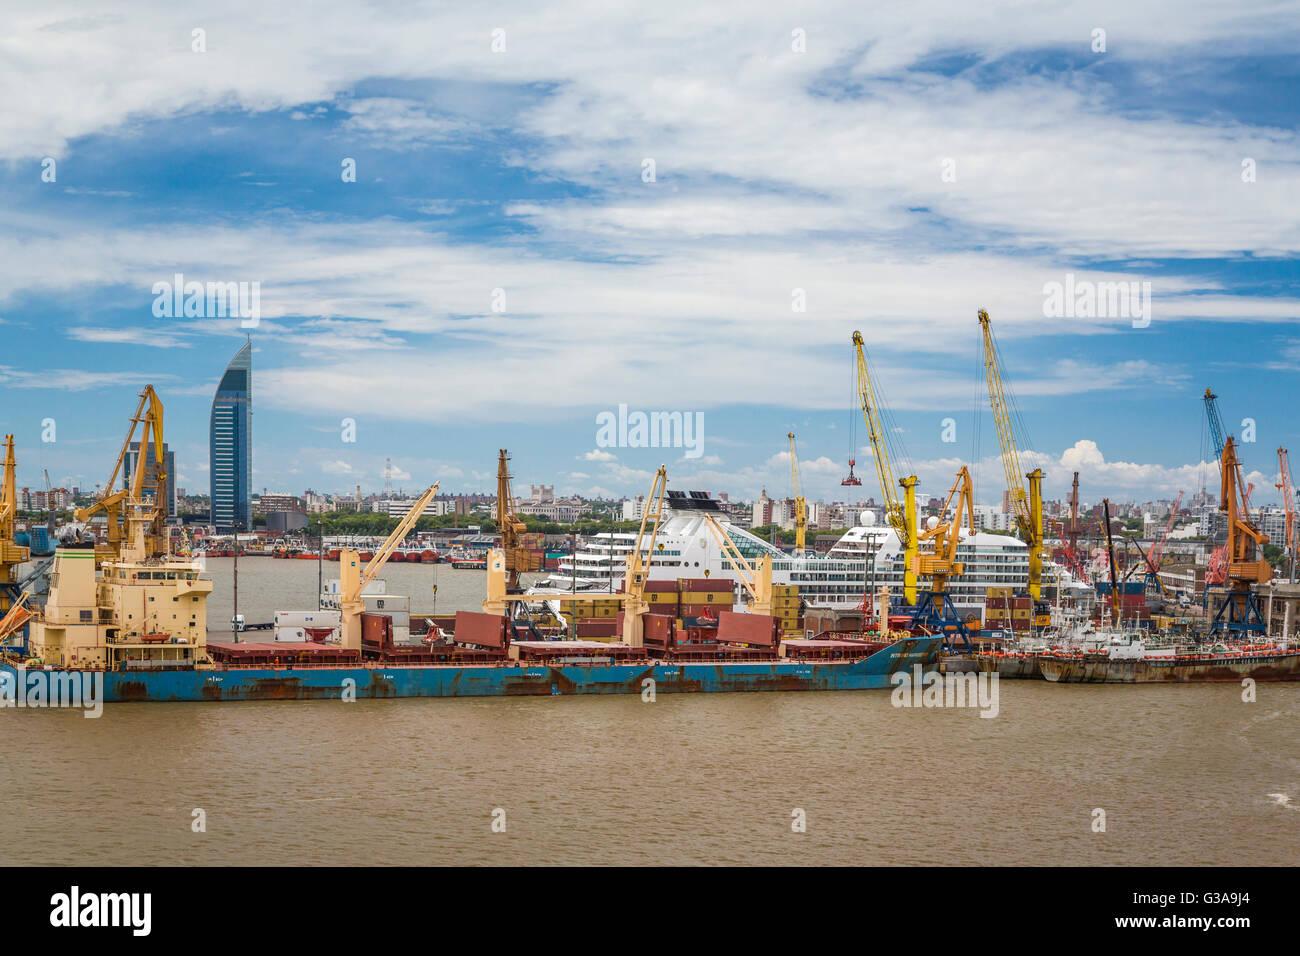 El puerto de Montevideo, Uruguay, en América del Sur. Imagen De Stock